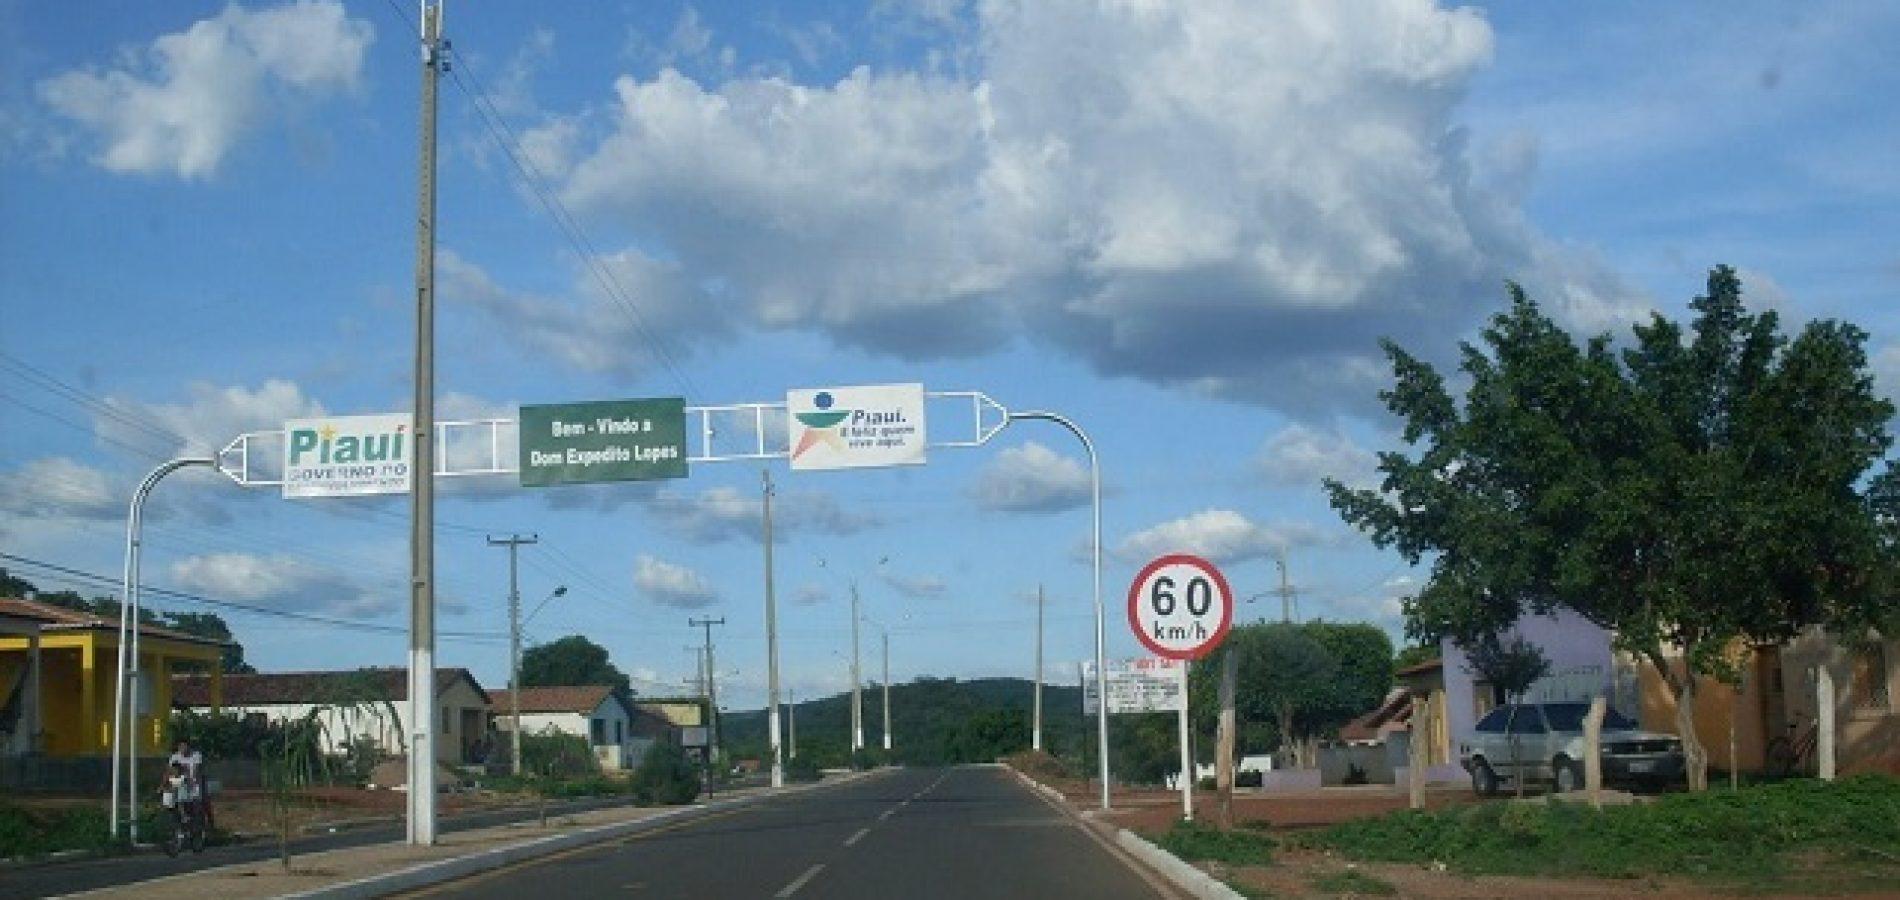 Dom Expedito Lopes Piauí fonte: cidadesnanet.com